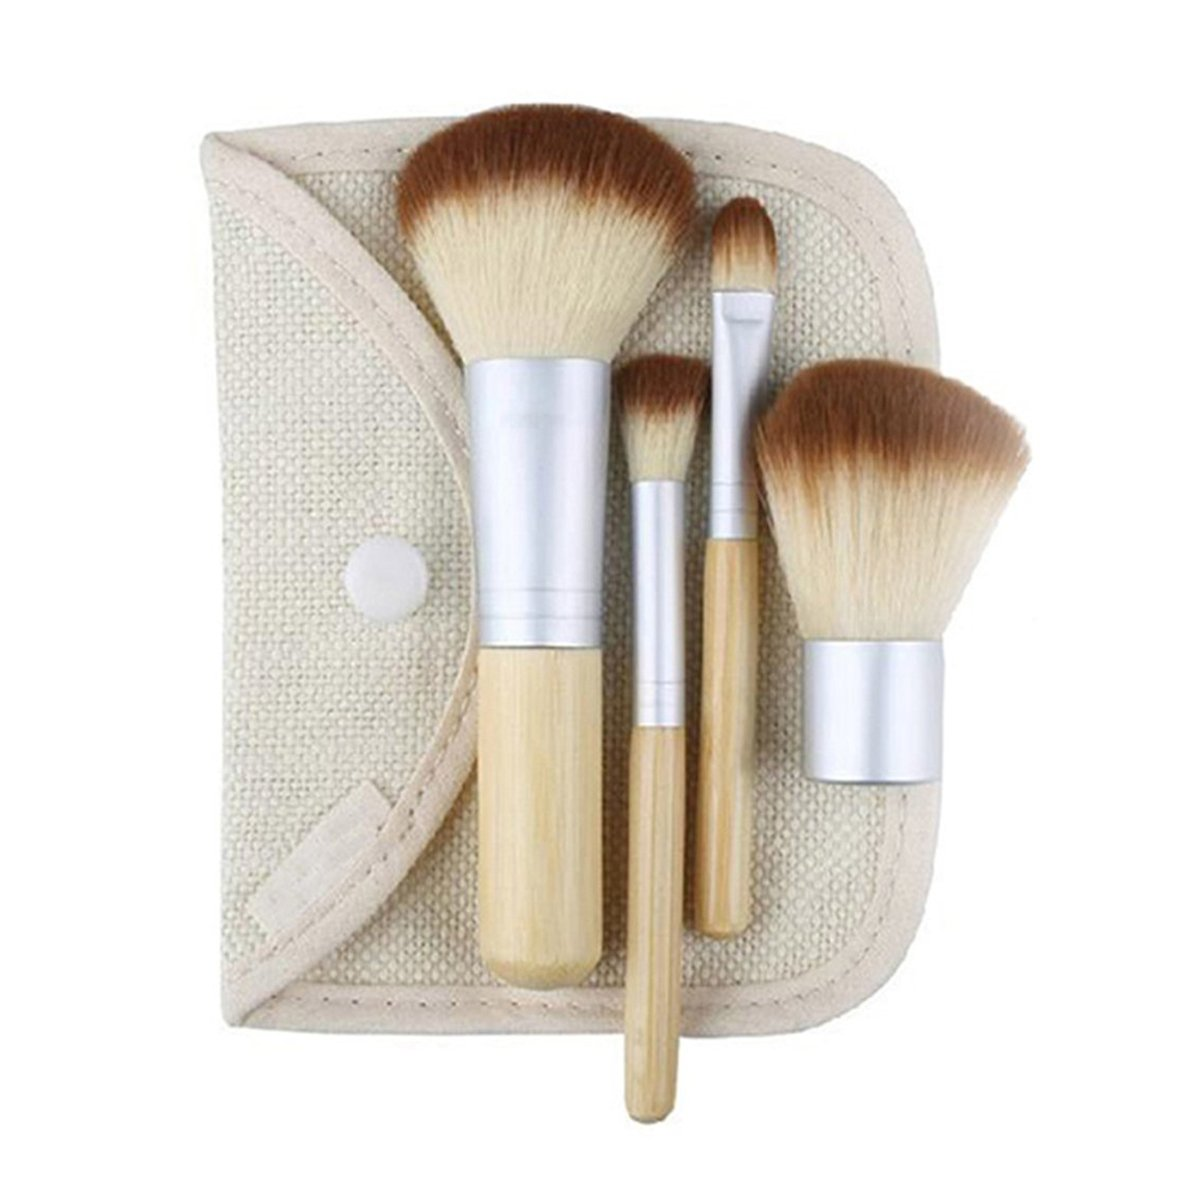 Hacoly Juego de 4 pinceles de maquillaje con mango de bamb/ú Brochas de maquillaje Cepillo de rubor Cepillo Pincel de maquillaje del fibra Brochas de Blush